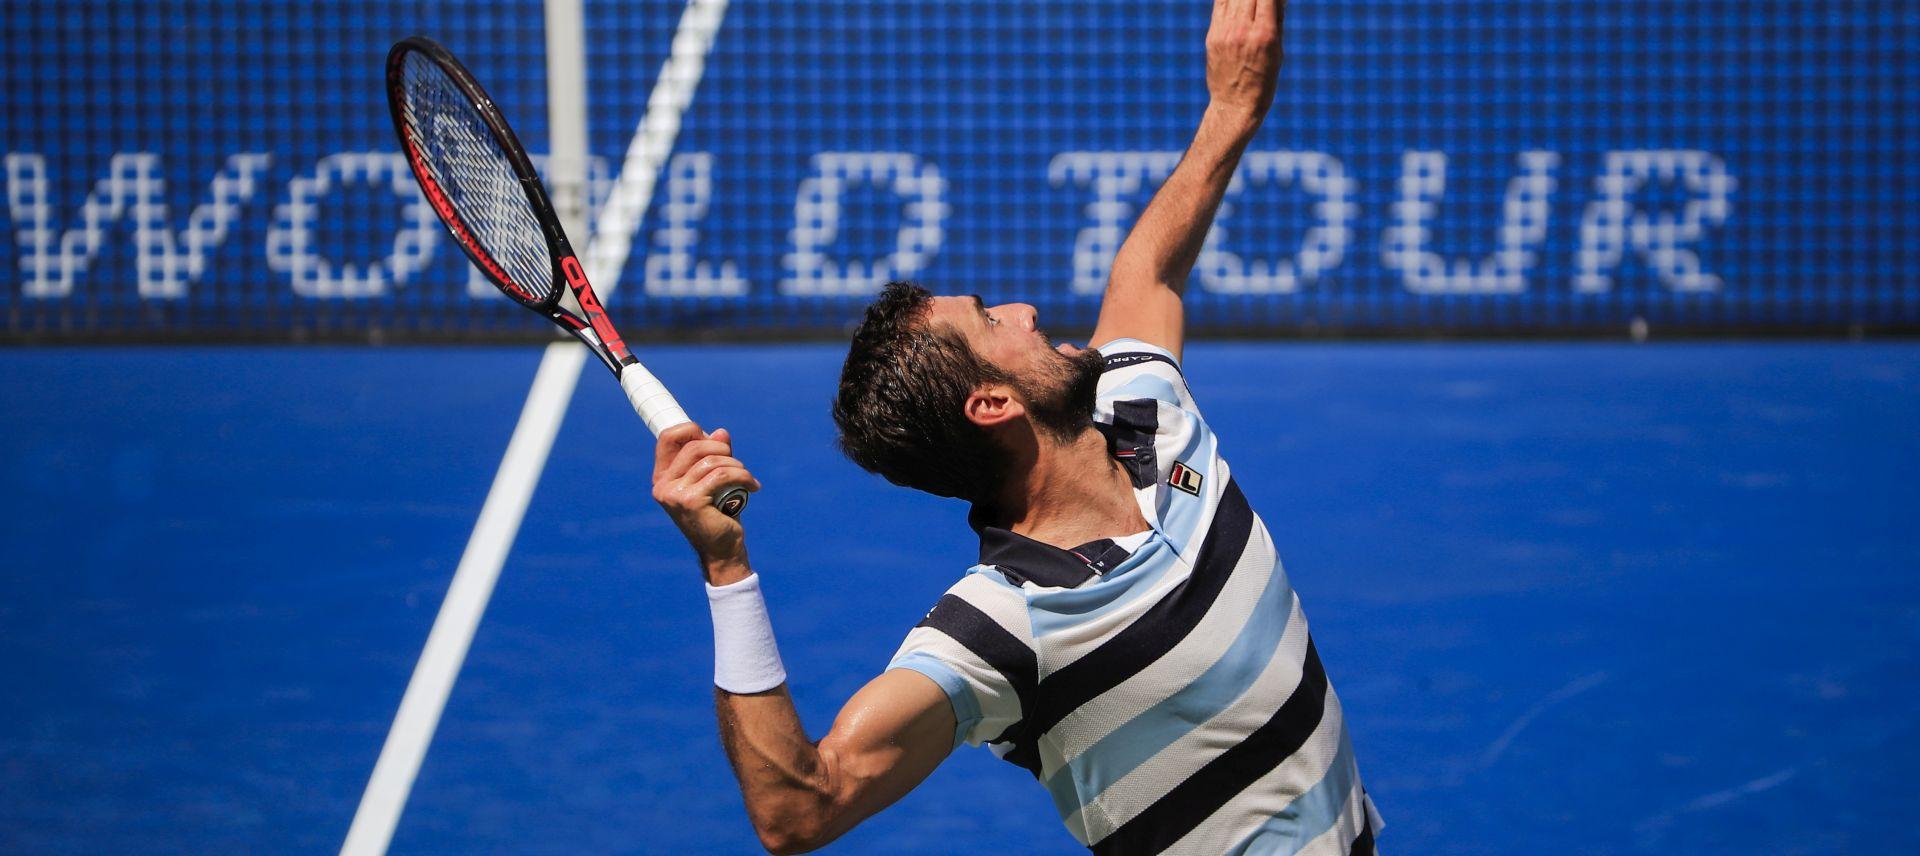 ATP LJESTVICA Čilić ostao sedmi, Đoković skočio na šesto mjesto